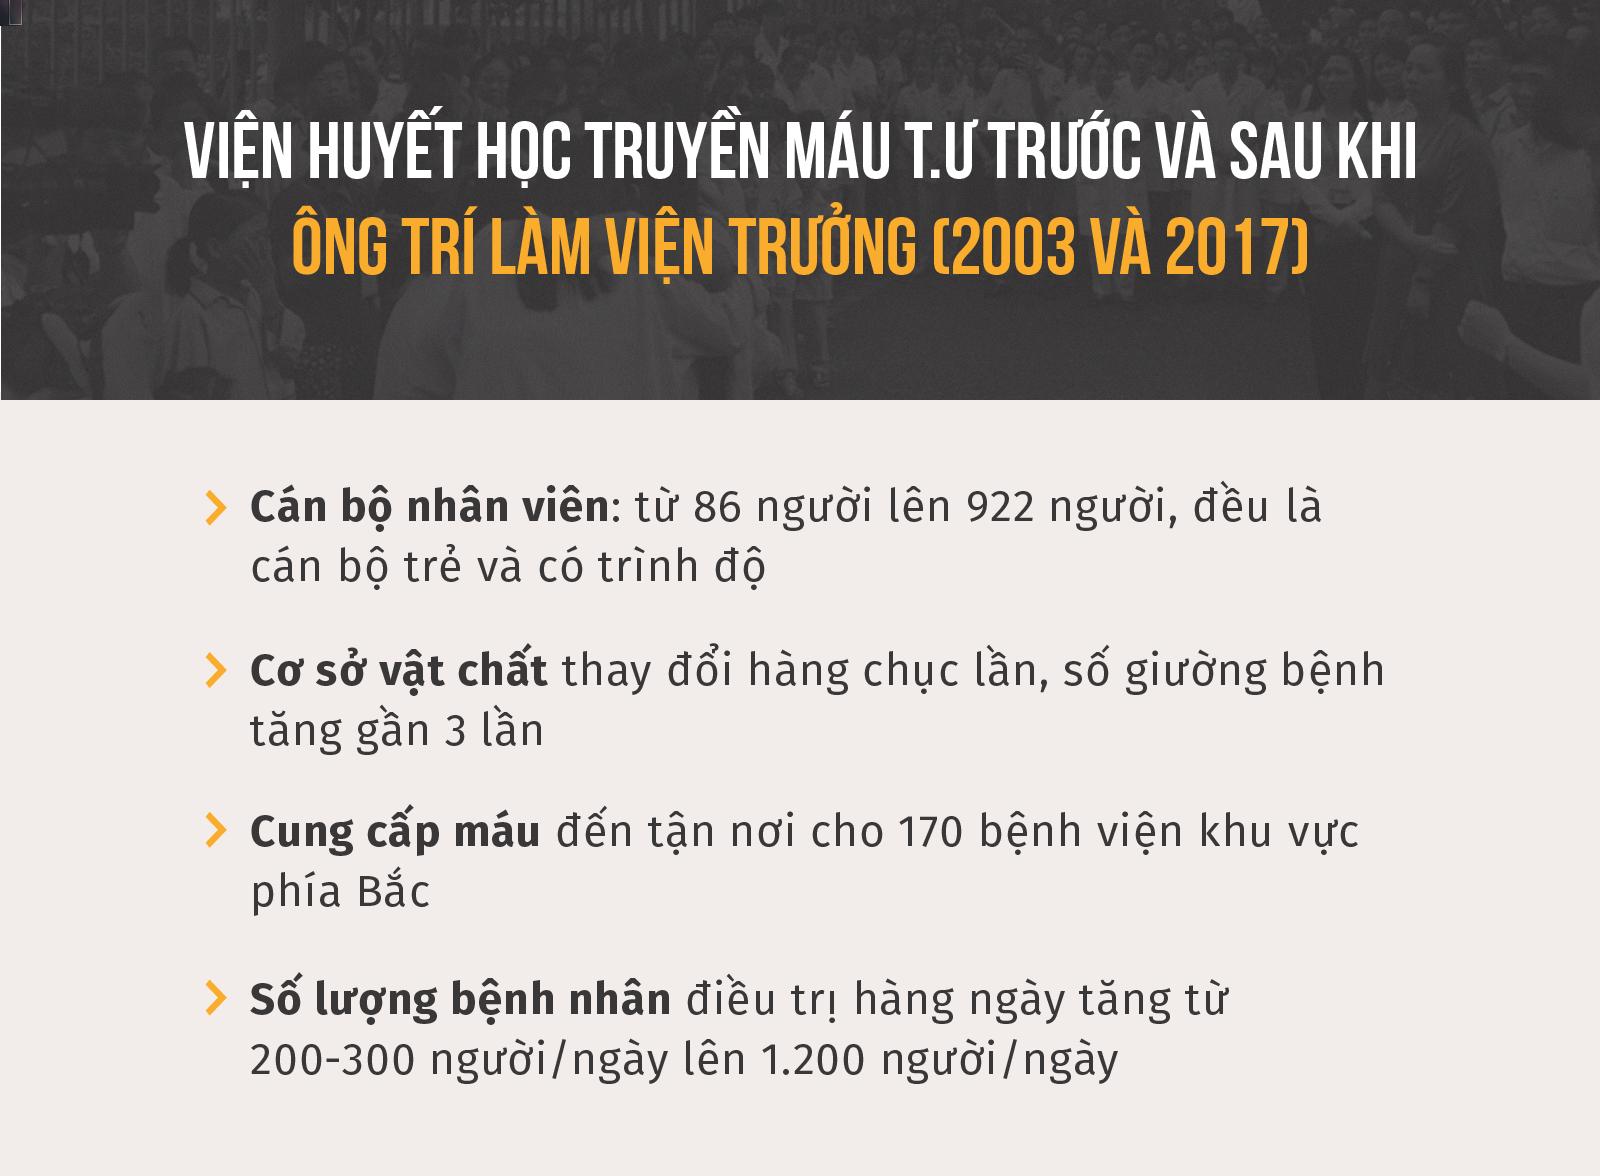 Bác sĩ Nguyễn Anh Trí: một đời y đức không ngơi nghỉ - Ảnh 6.